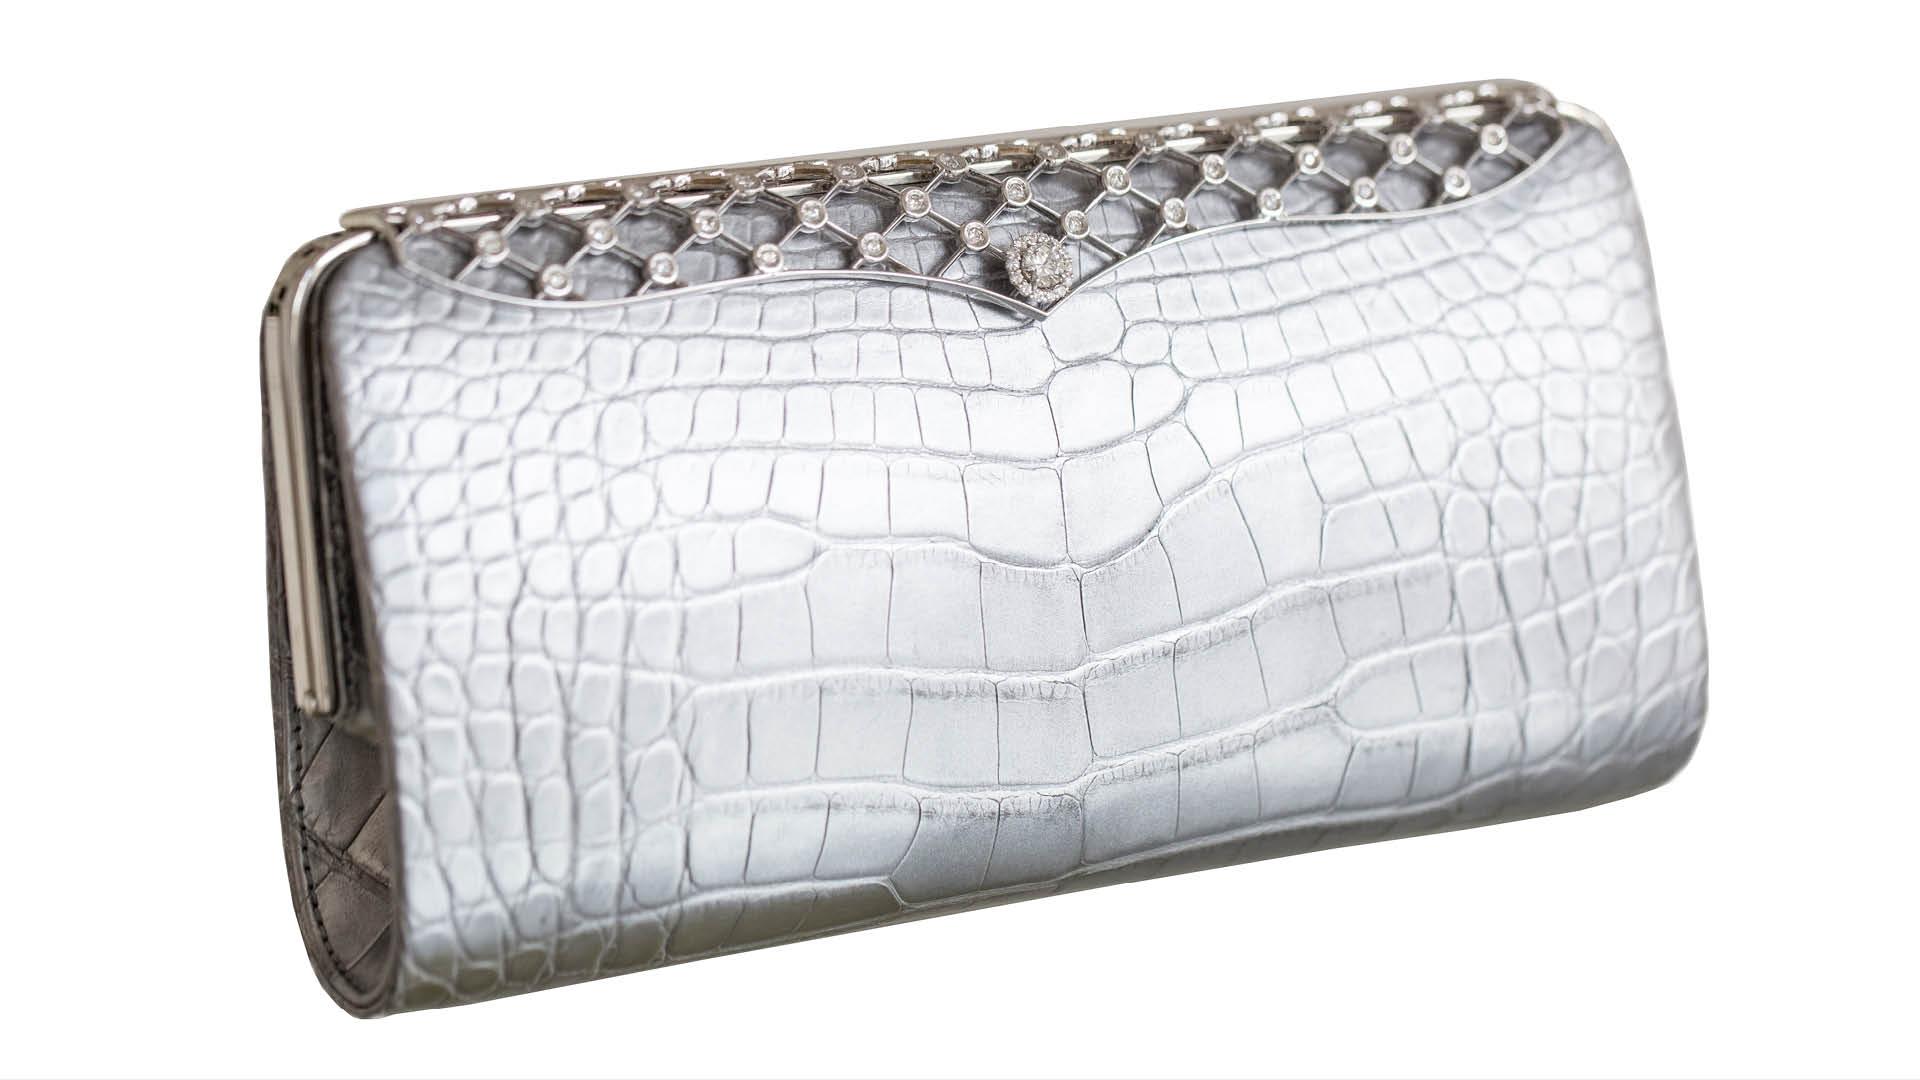 Lana Mark's Charlize Theron Cleopatra Bag